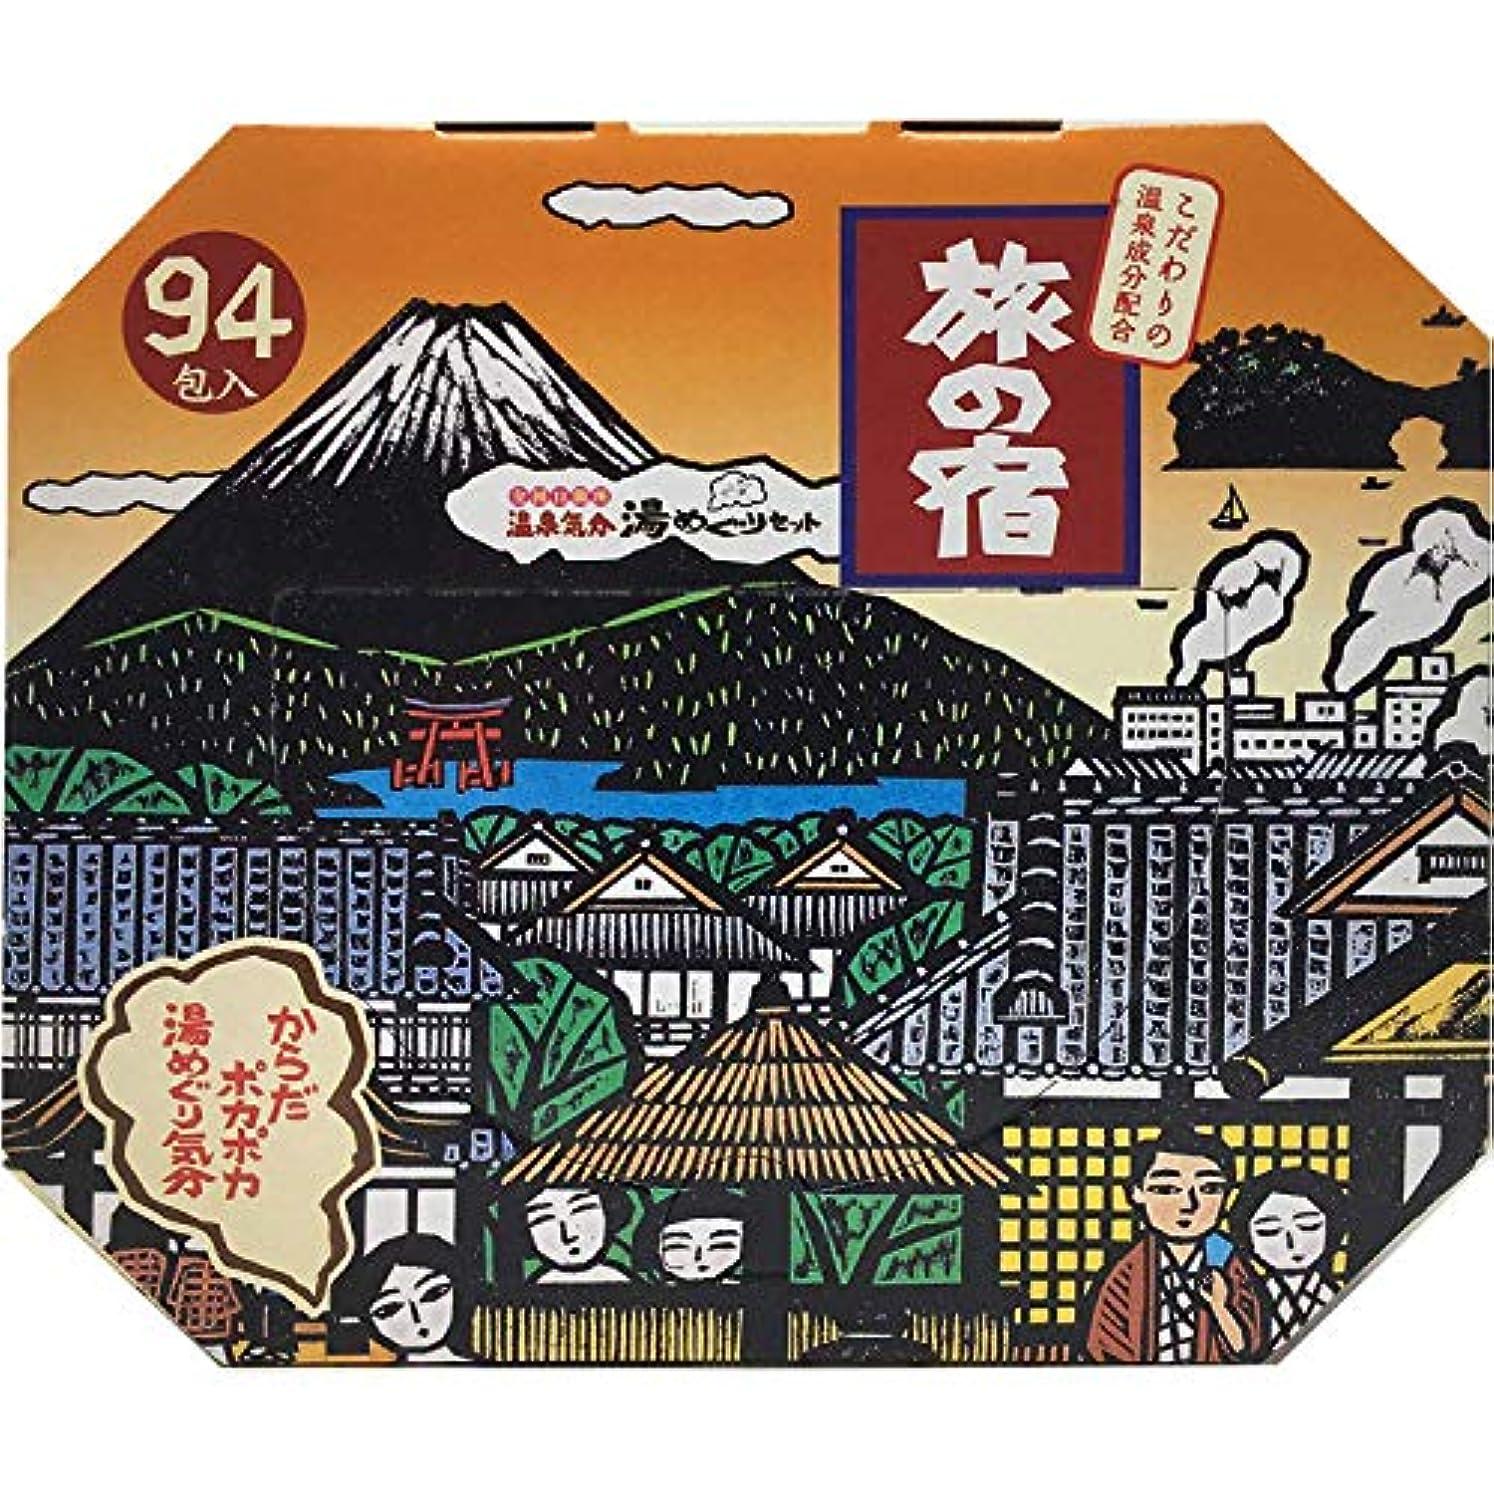 ランプコーヒー助けになるホールセールジャパン1年保証 旅の宿(薬用入浴剤) 94包入 3箱セット